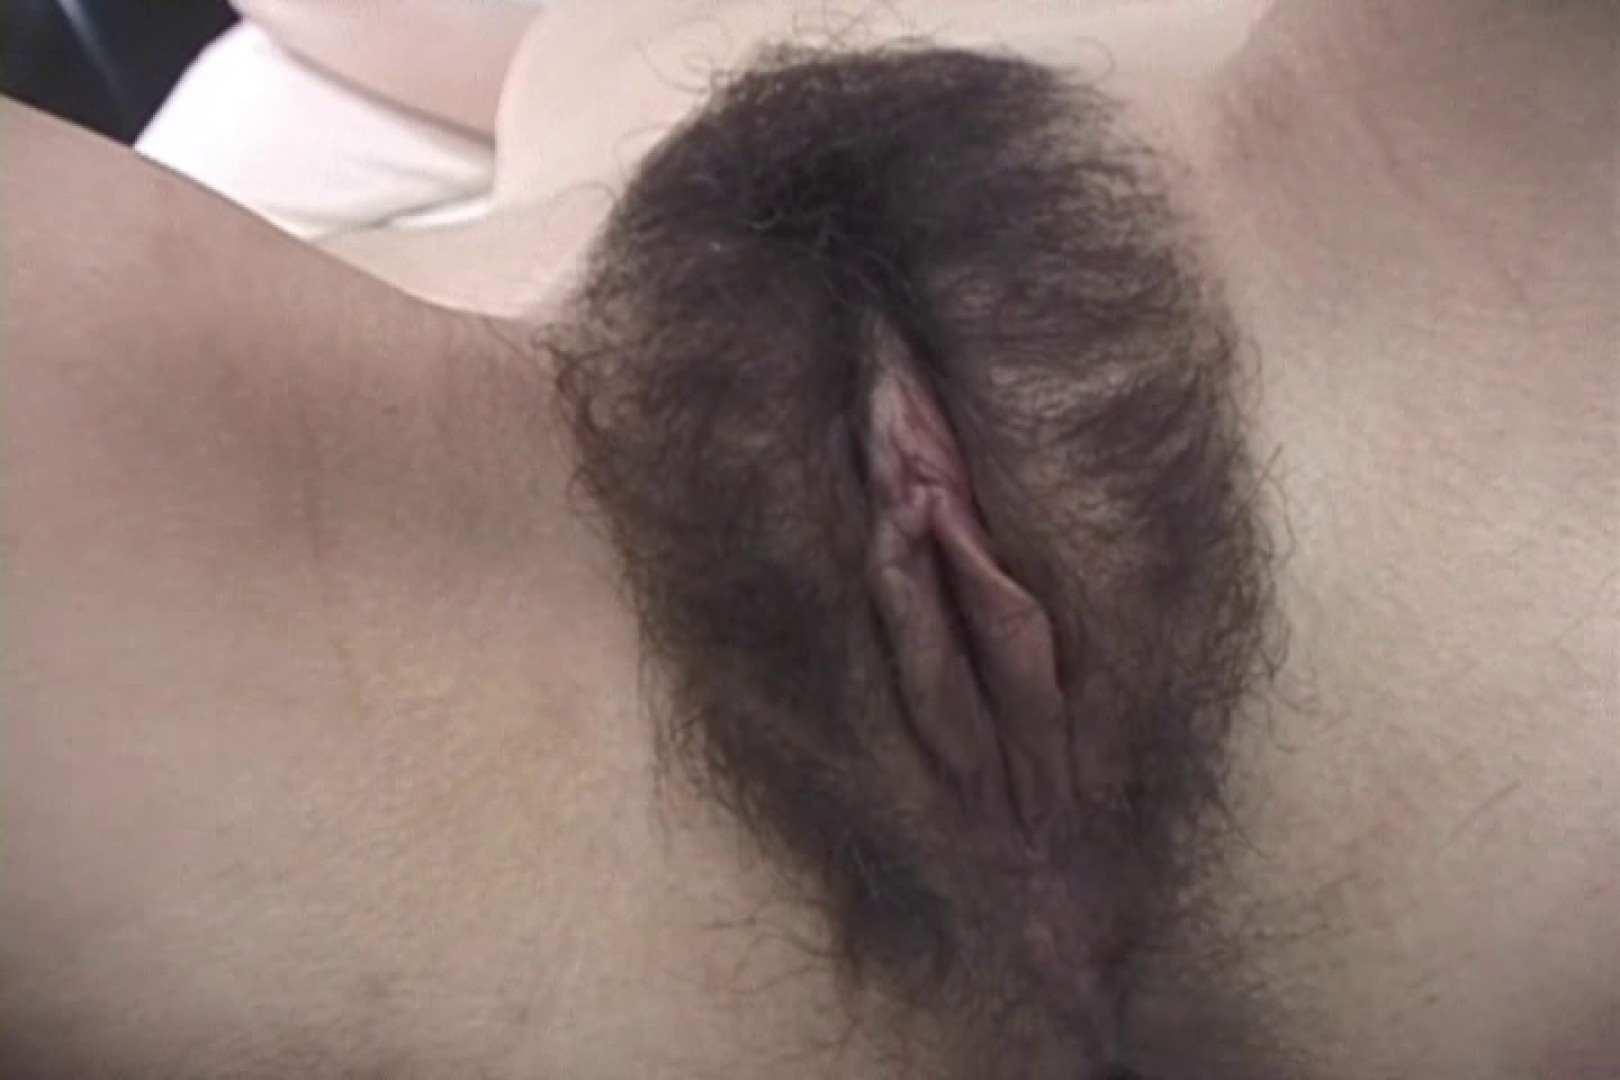 若人妻は静かに濡れる~藤本あずさ~ 人妻  80pic 41